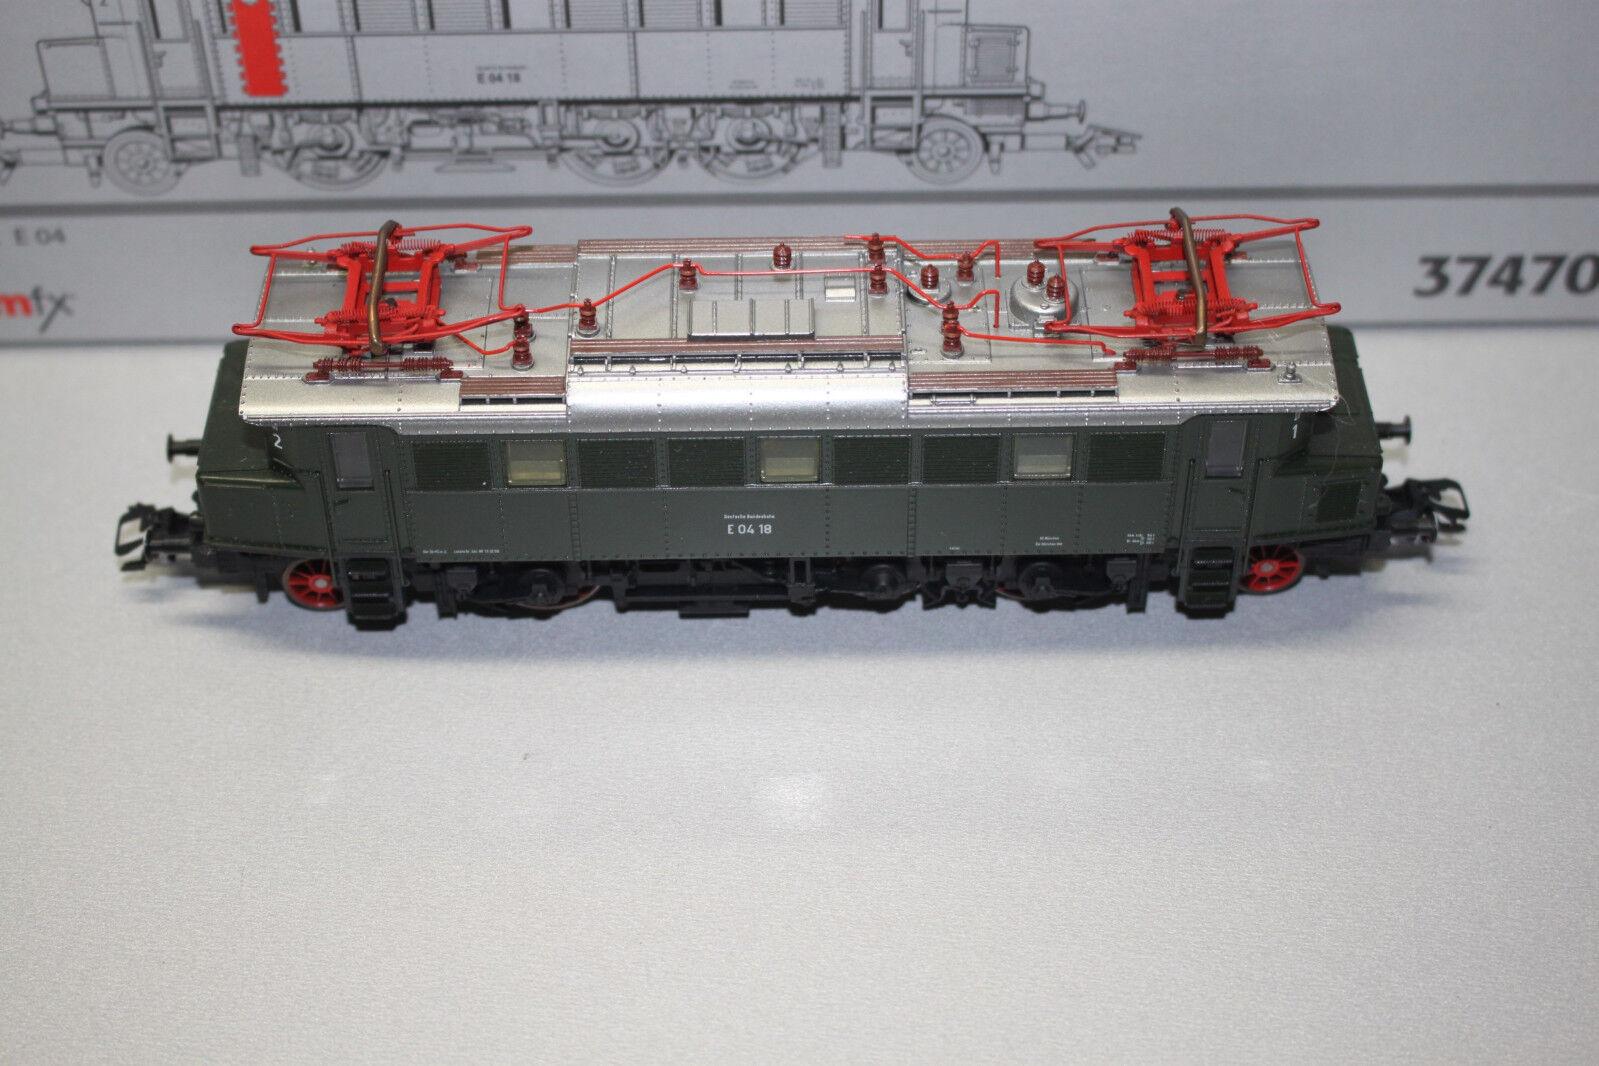 Märklin 37470 mfx Digital Elok Baureihe E04 18 DB Spur H0 OVP